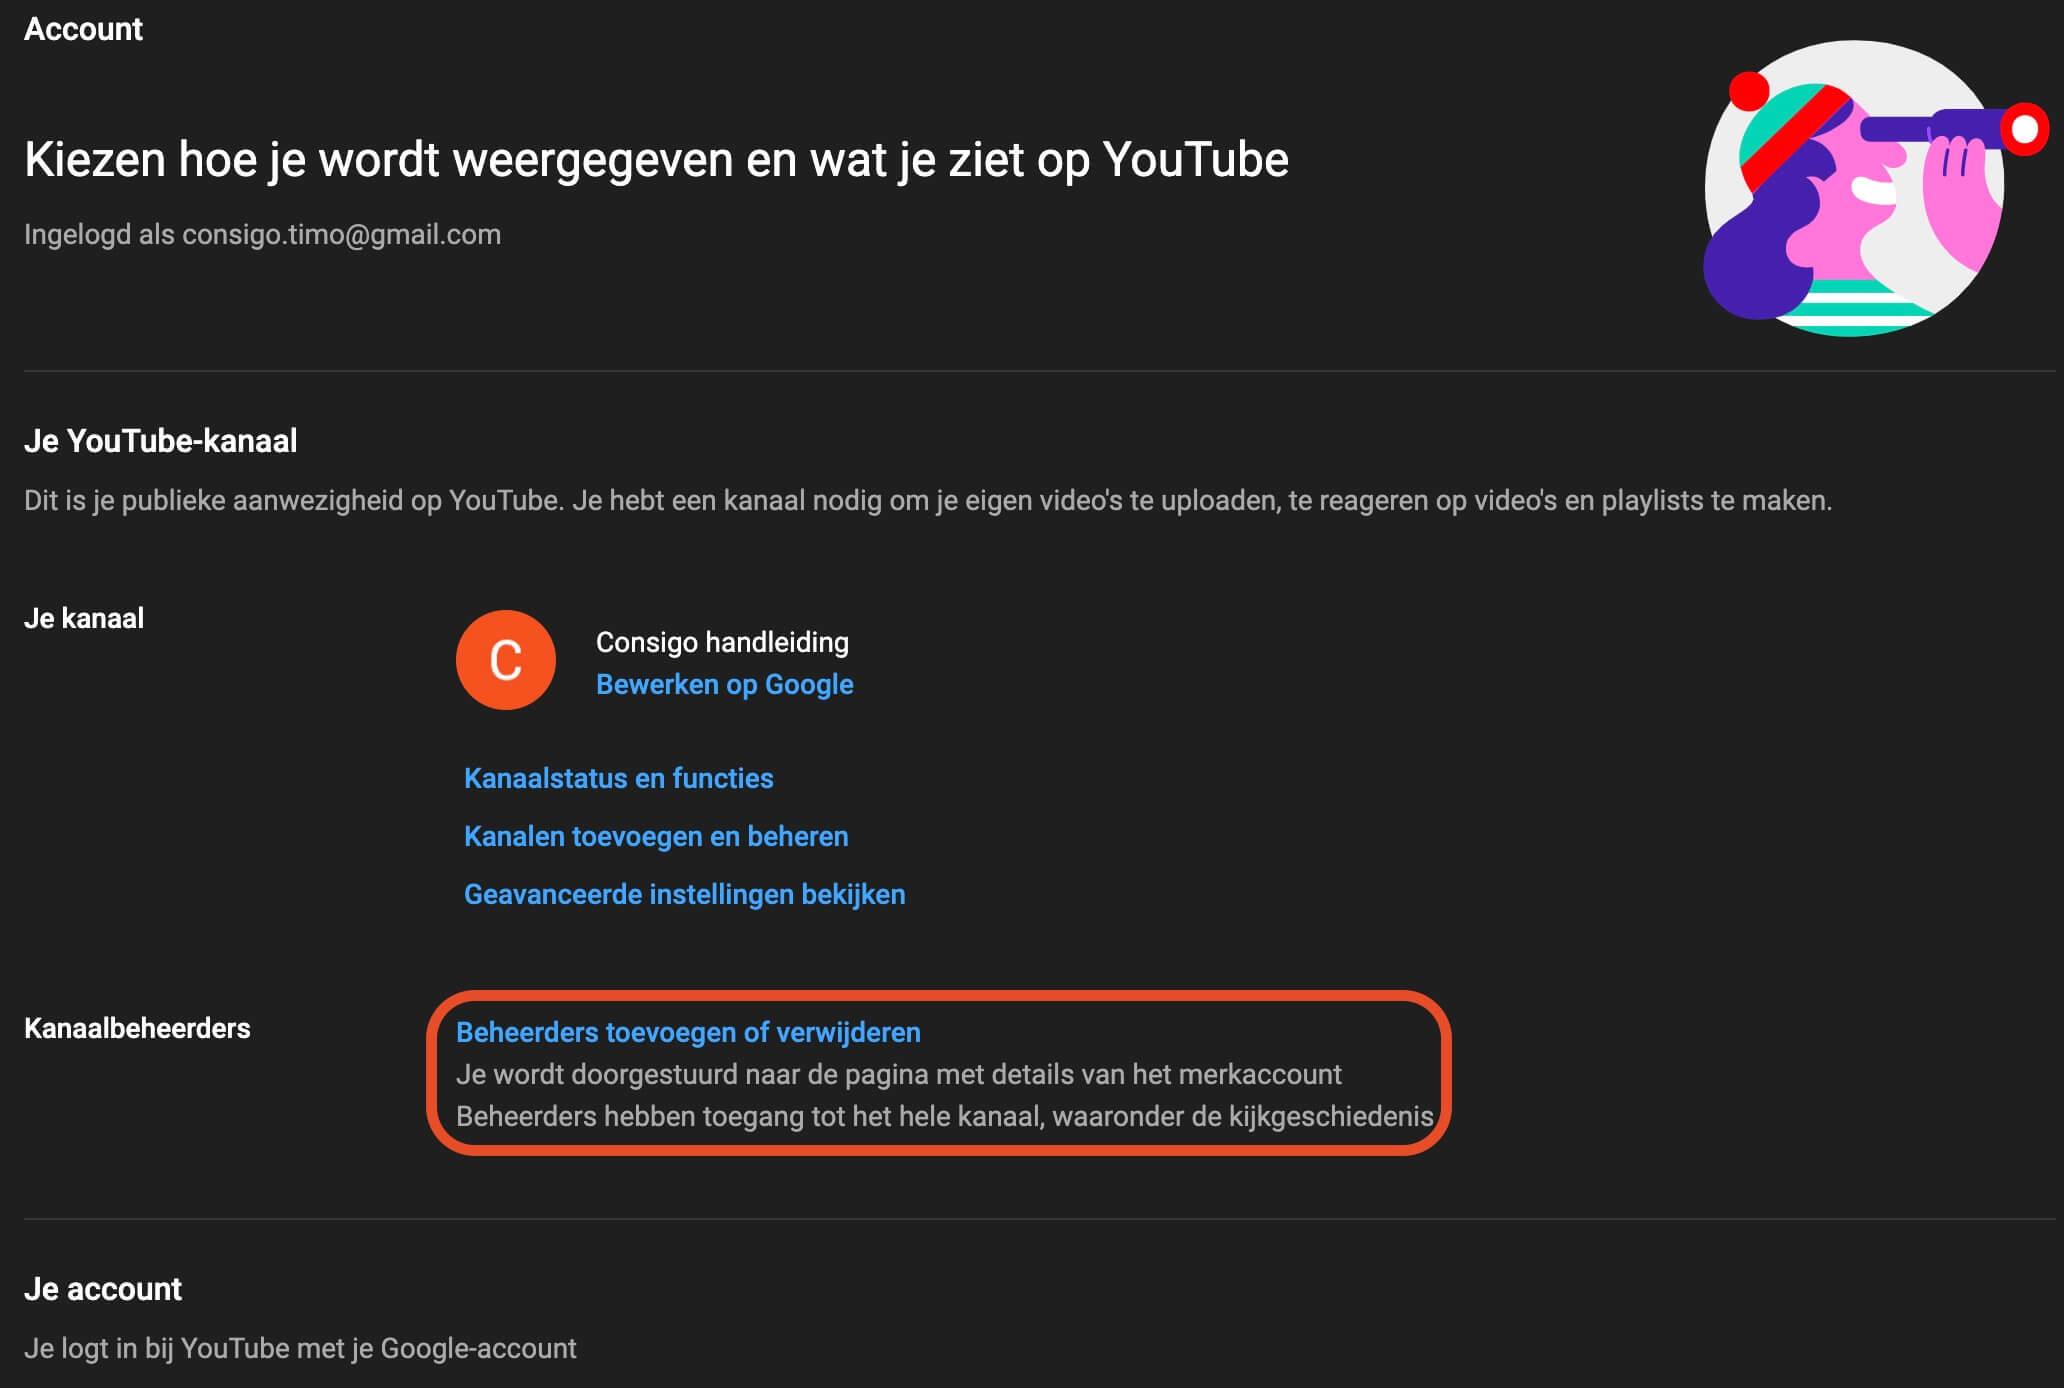 YouTube kanaalbeheerders